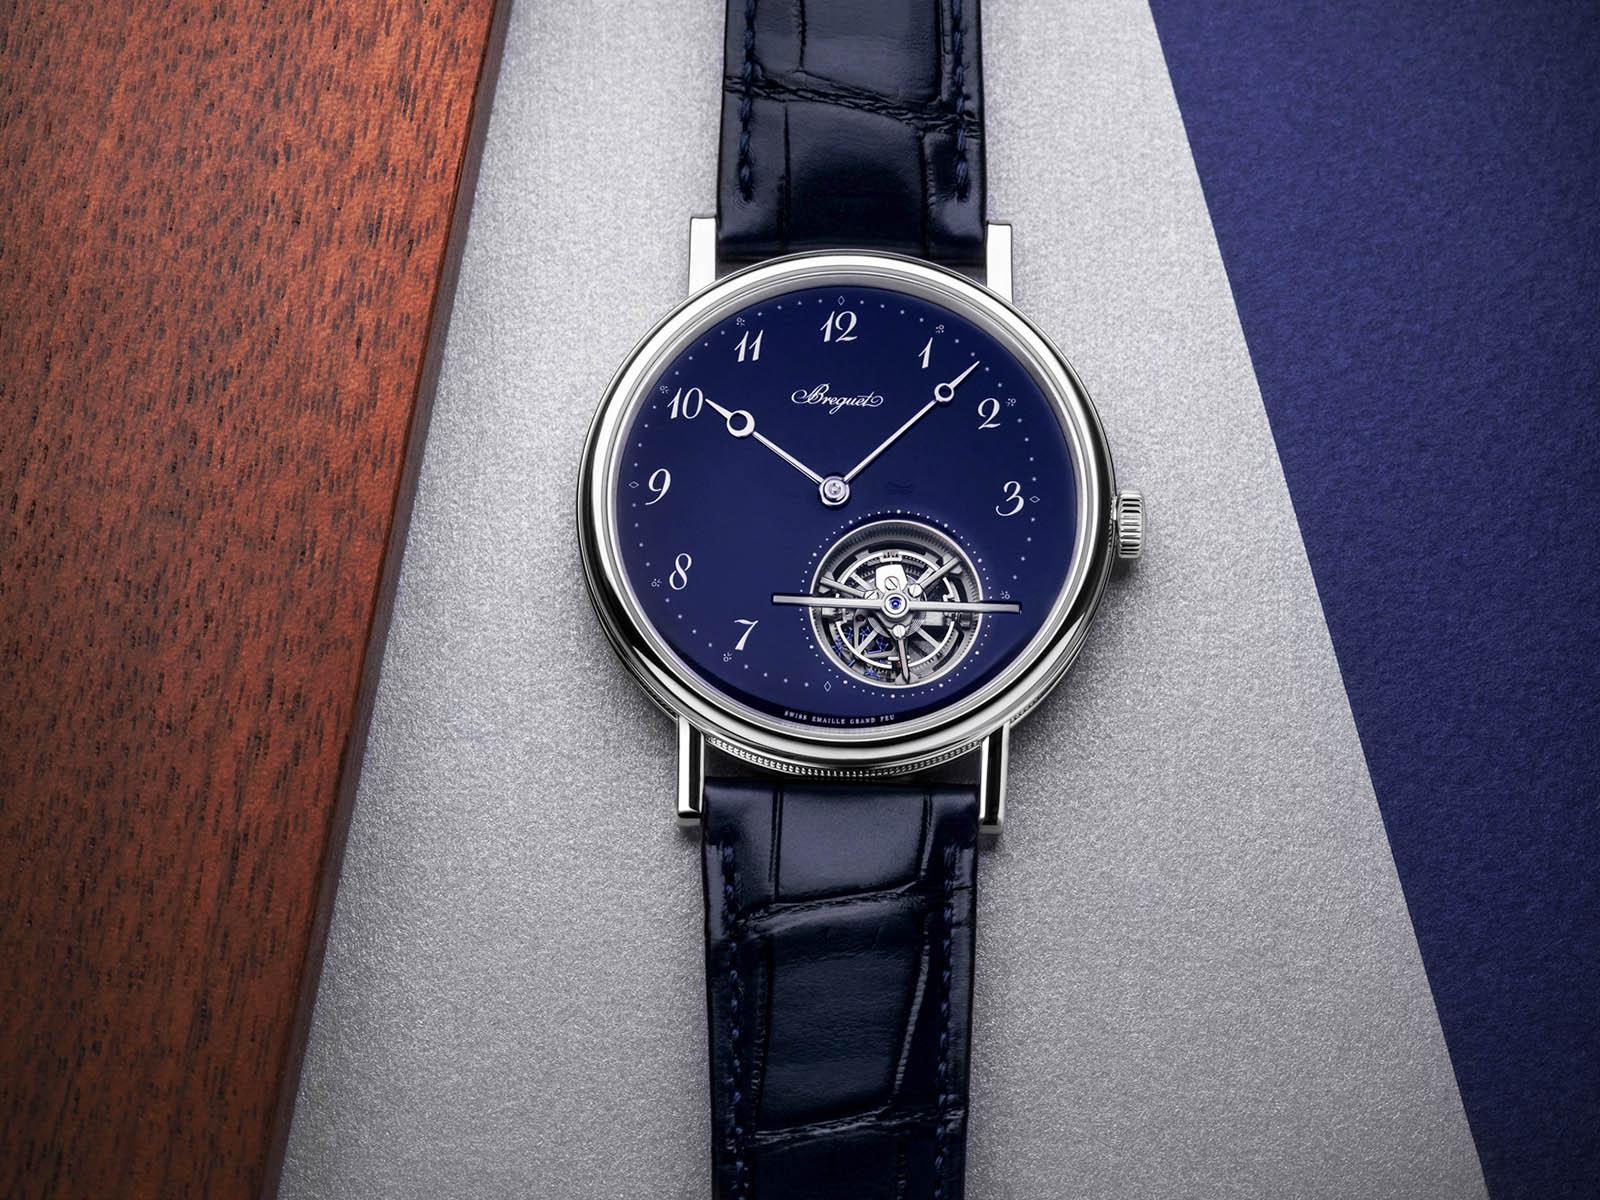 5367pt-2y-9wu-breguet-classique-tourbillon-extra-plat-automatique-5367-blue-2.jpg